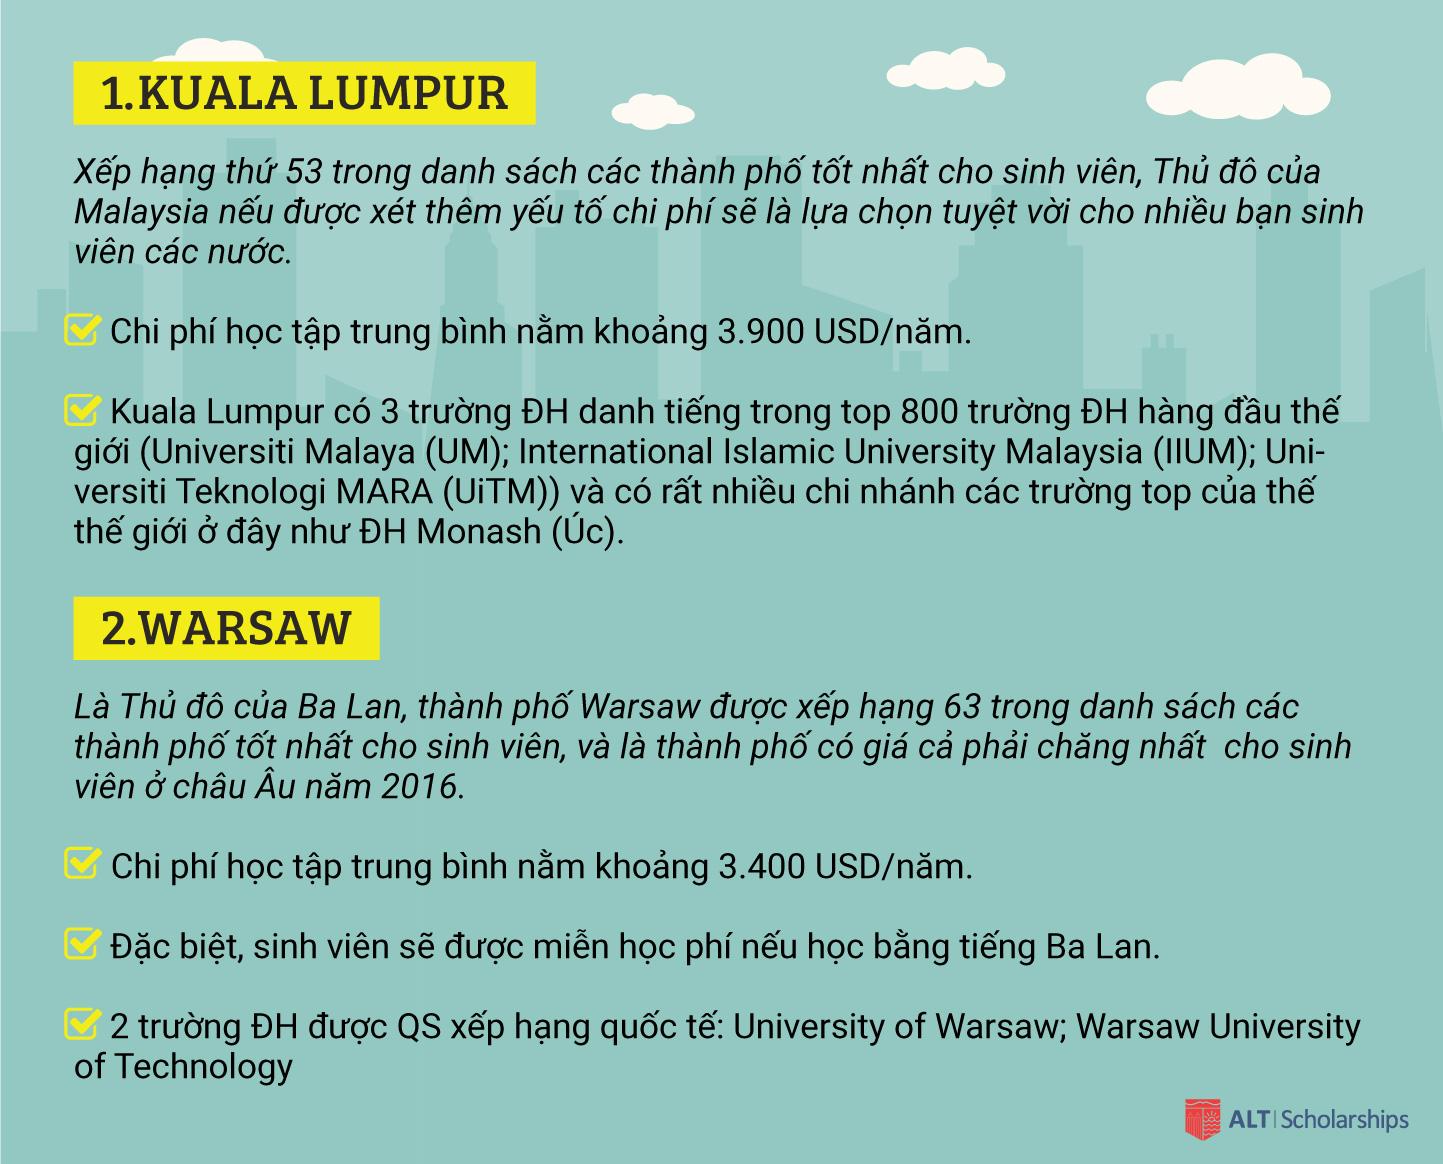 10 Thanh Pho Chi Phi thap de du hoc